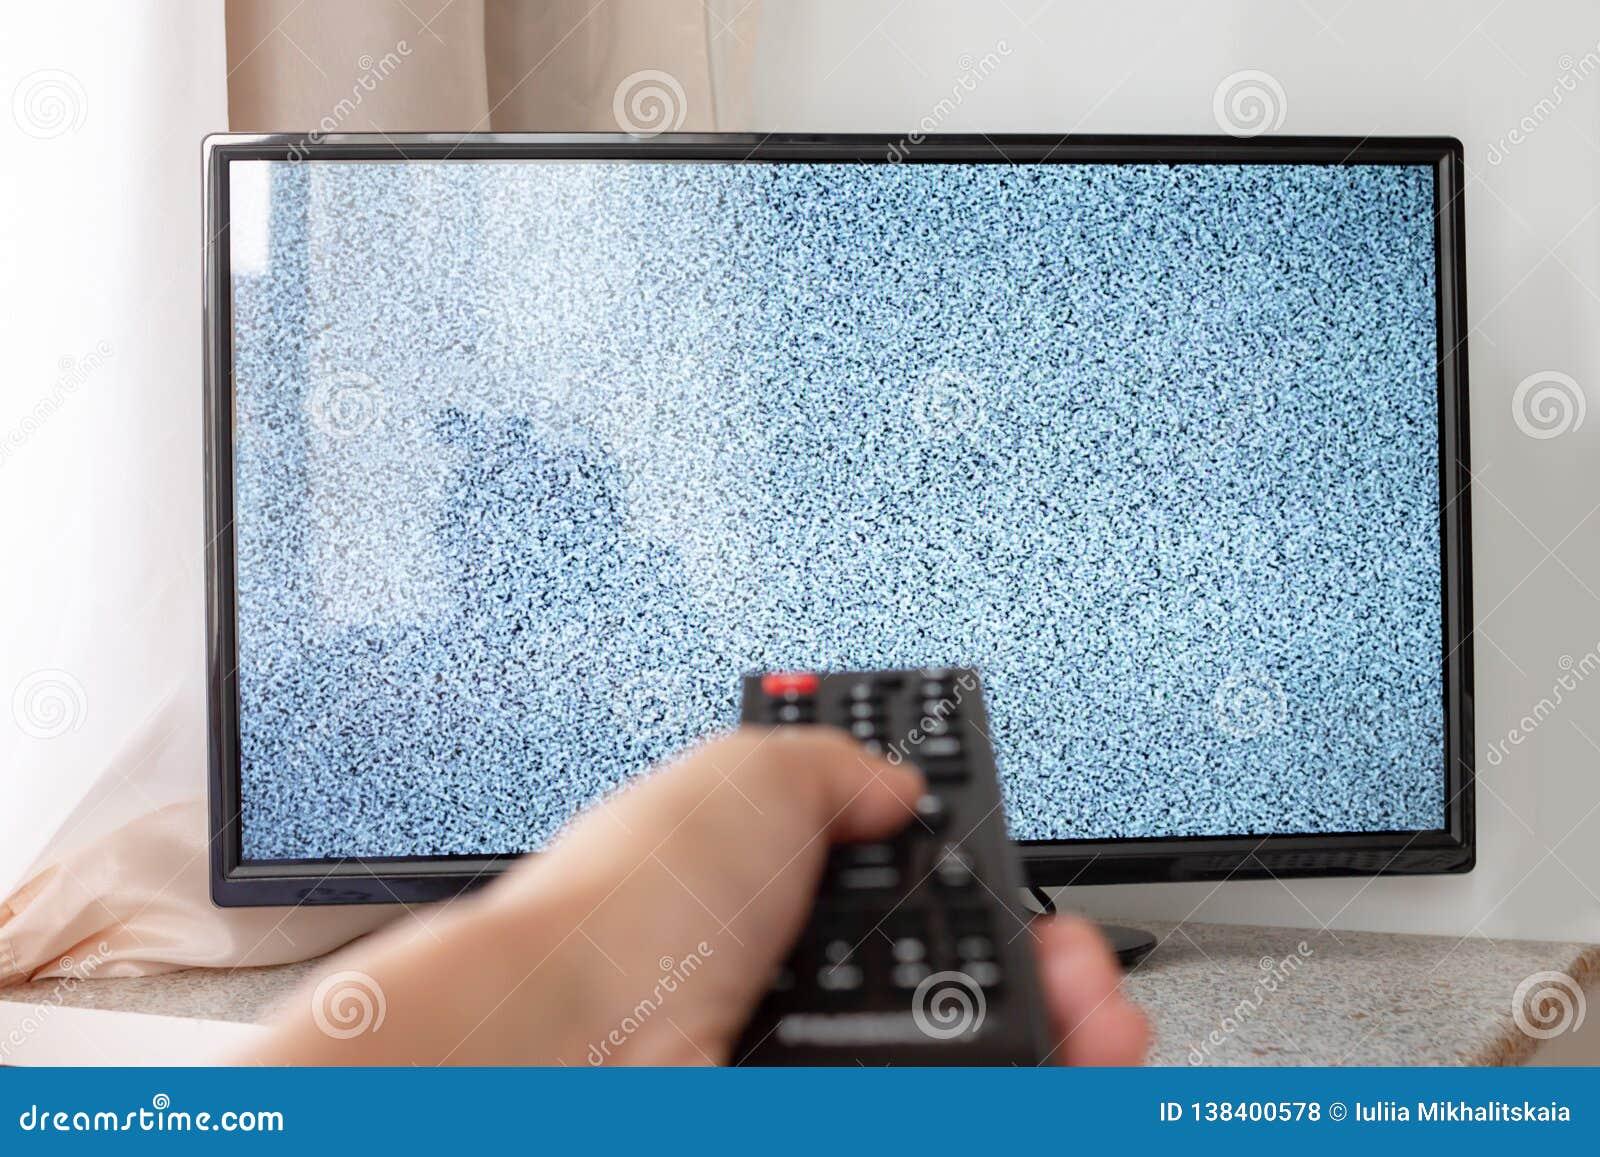 Mão com controlo a distância da tevê na frente da tela com ruído branco nele - ajustando os canais de televisão e conectando prob